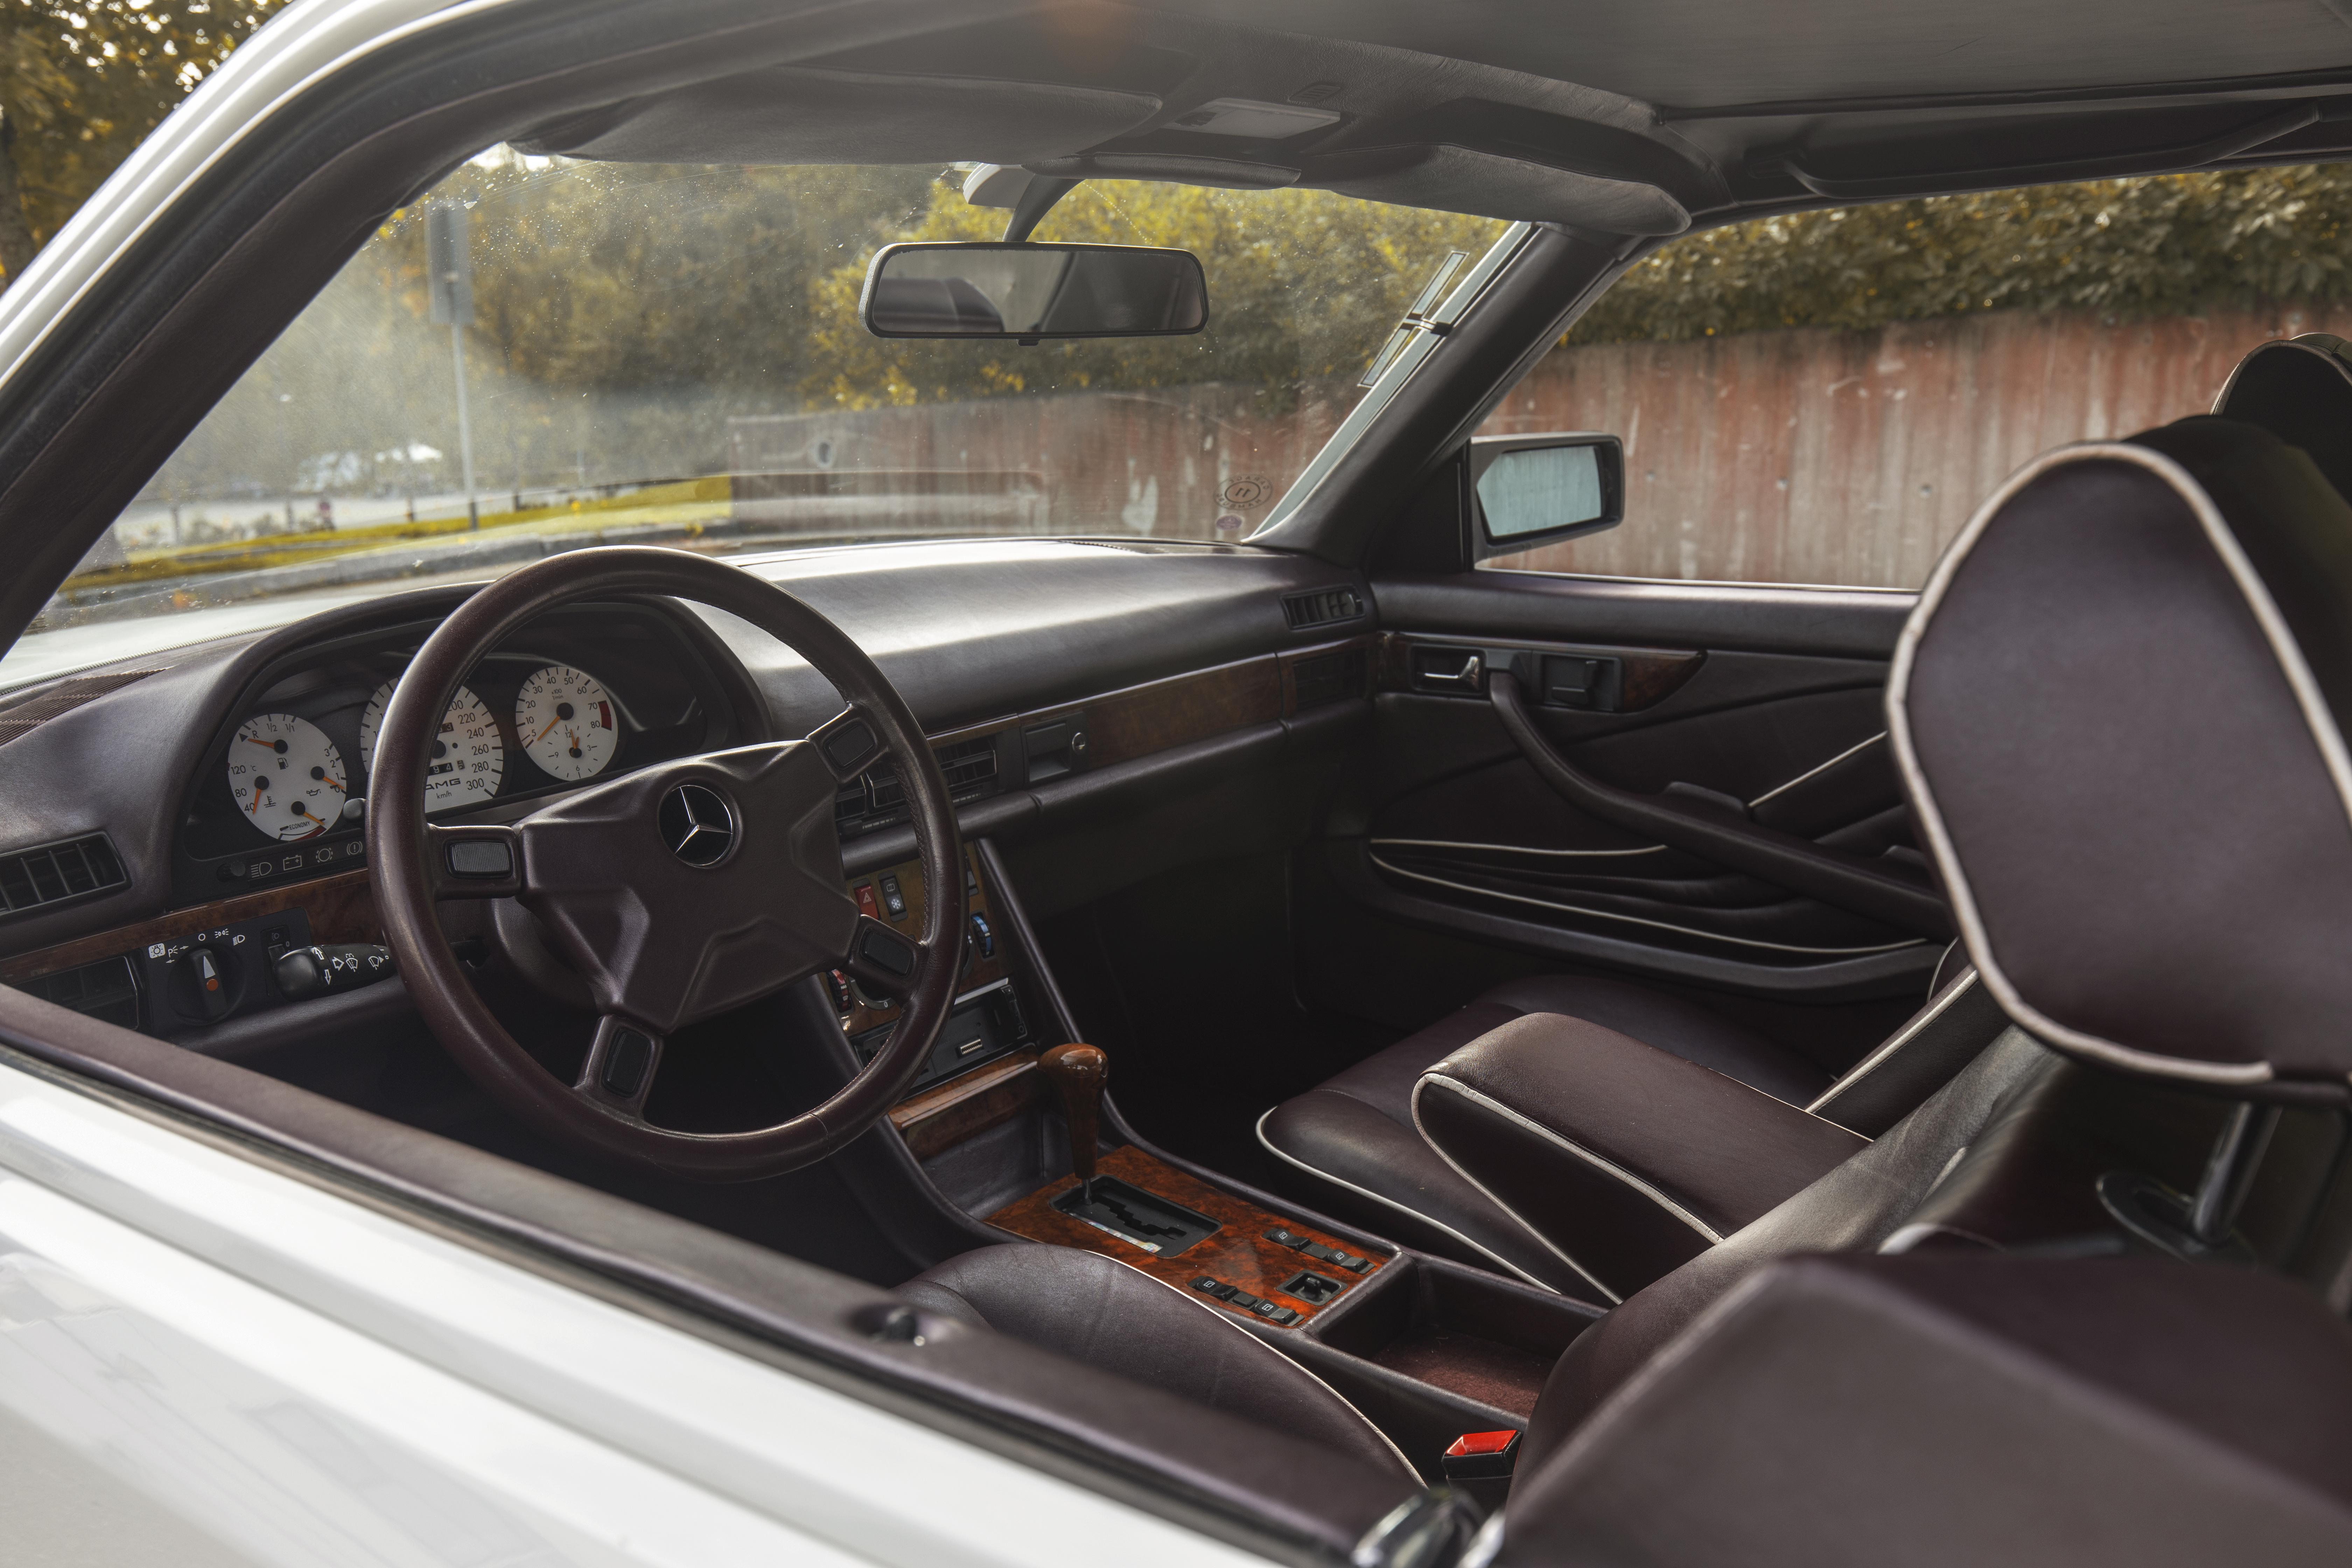 Interiøret var trukket i blå velur fra fabrikk, men AMG har trukket om absolutt hele innsiden i rødbrunt skinn